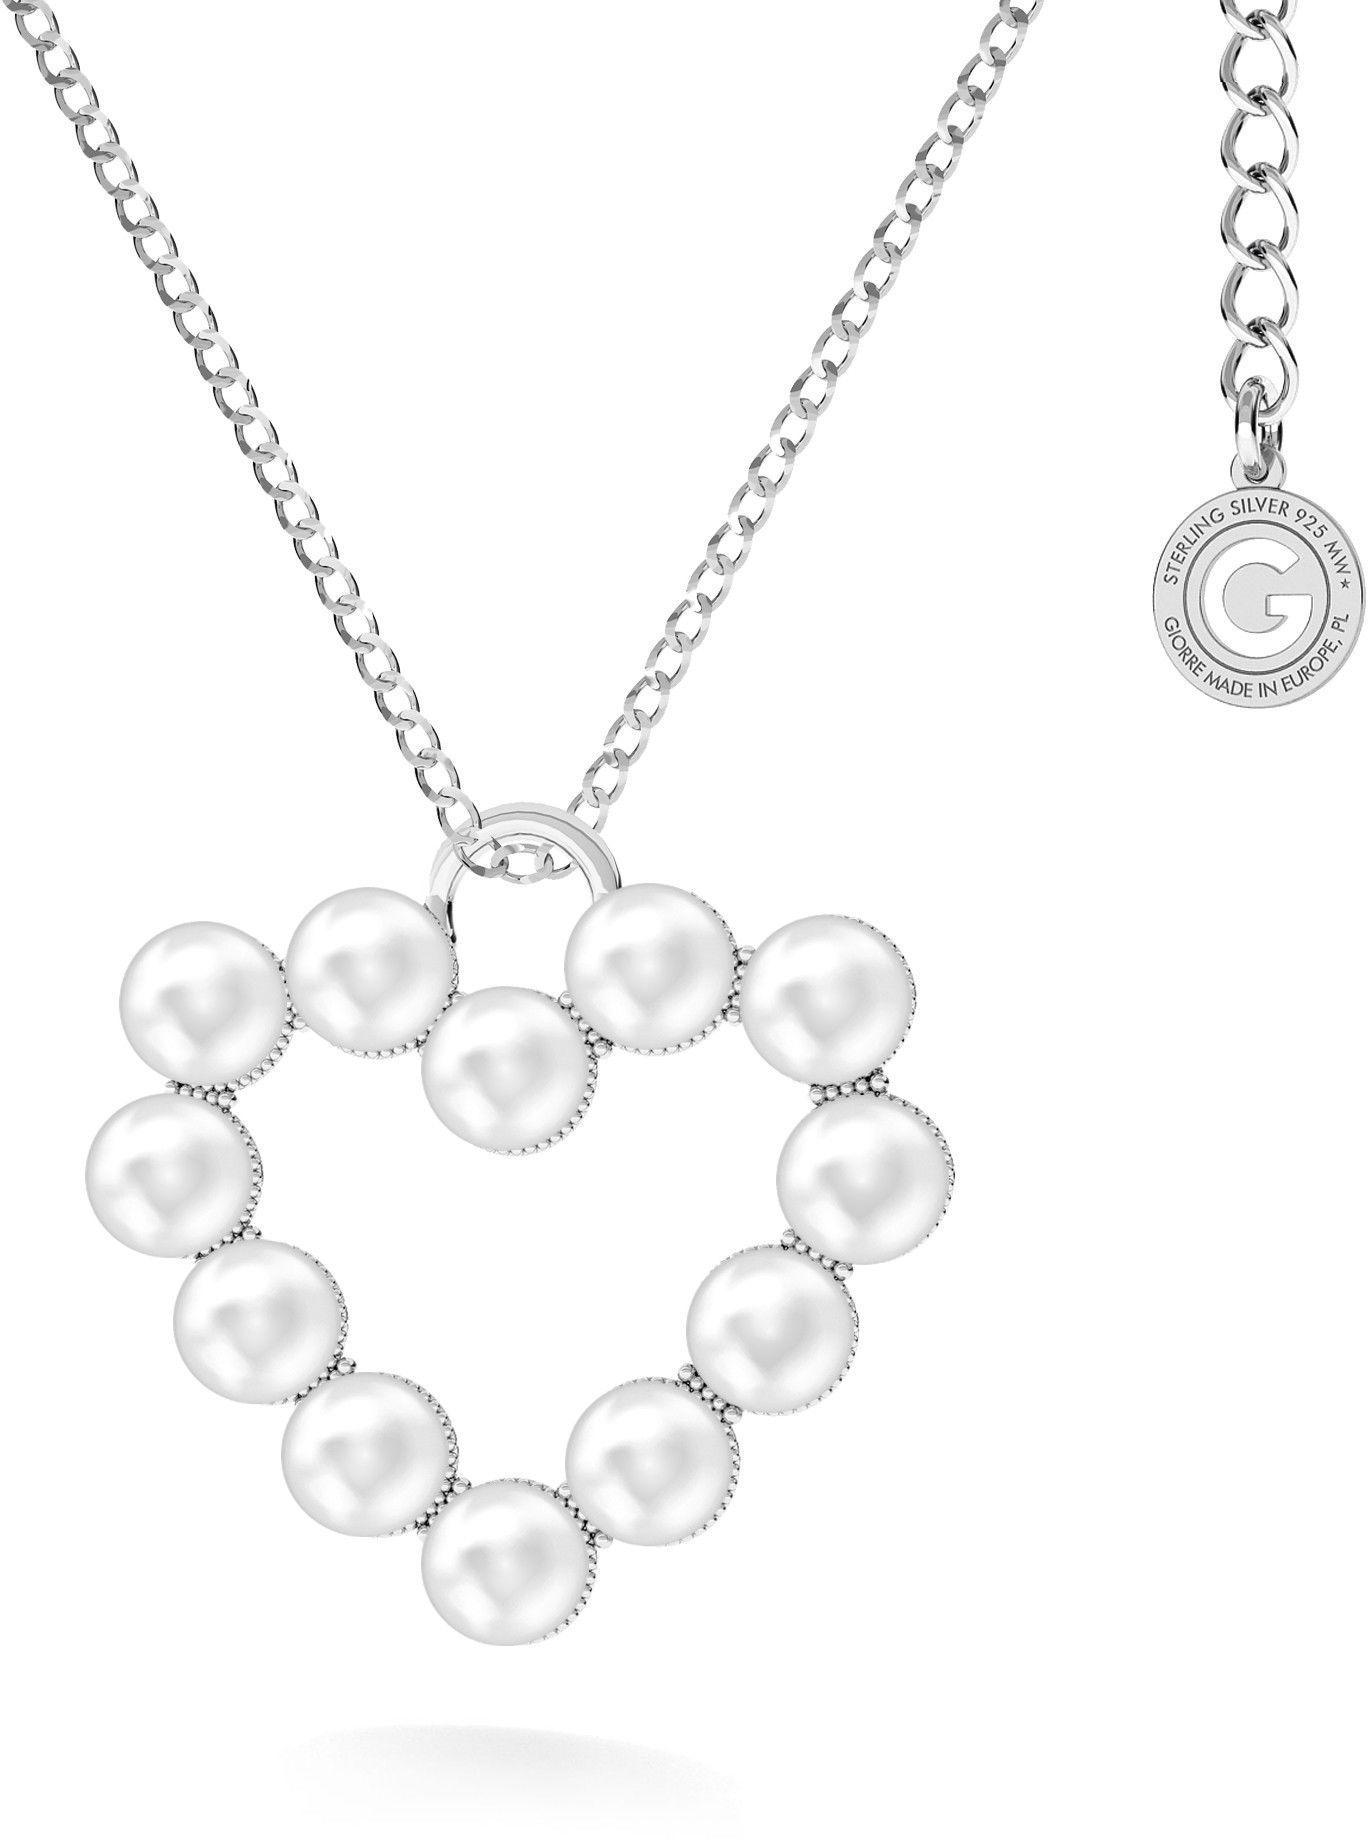 Naszyjnik serce z perłami, Swarovski, srebro 925 : Perła - kolory - SWAROVSKI WHITE, Srebro - kolor pokrycia - Pokrycie platyną